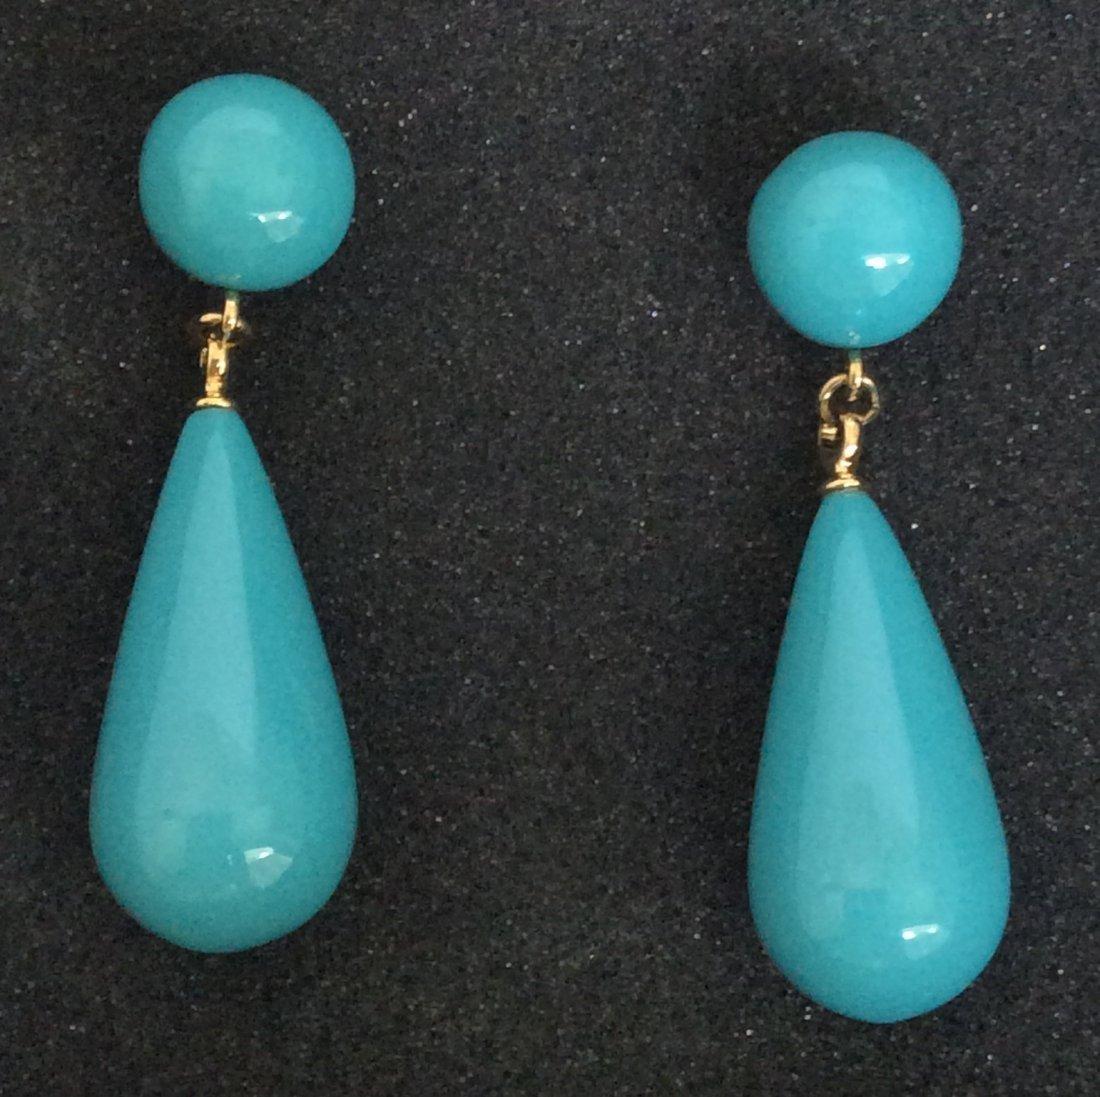 Kenneth Jay Lane Gold Tone Blue Bead Earrings